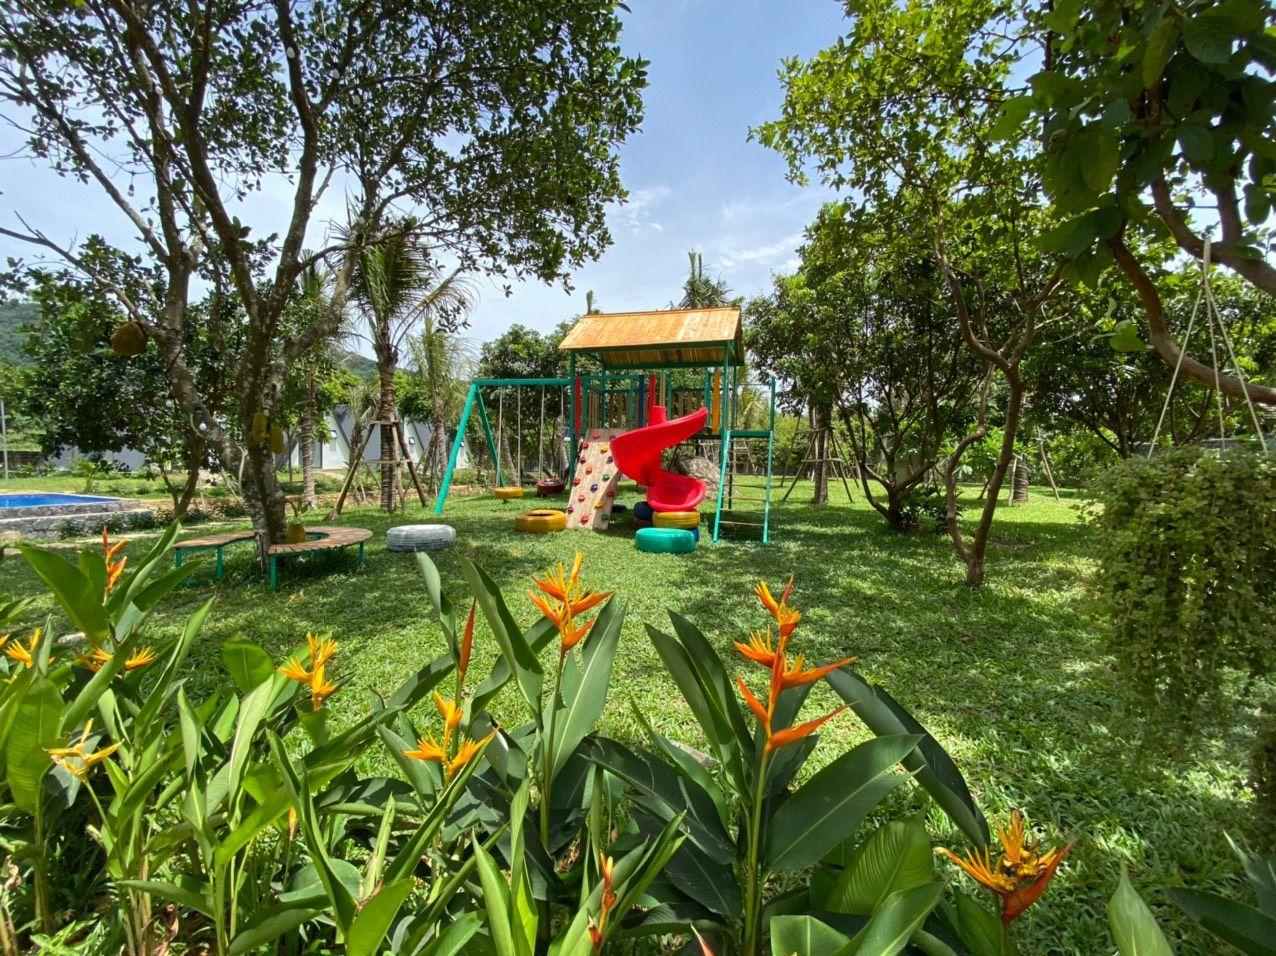 san-choi-villa-20-tan-view-bungalow-villa-homestay-ba-vi-ha-noi-02